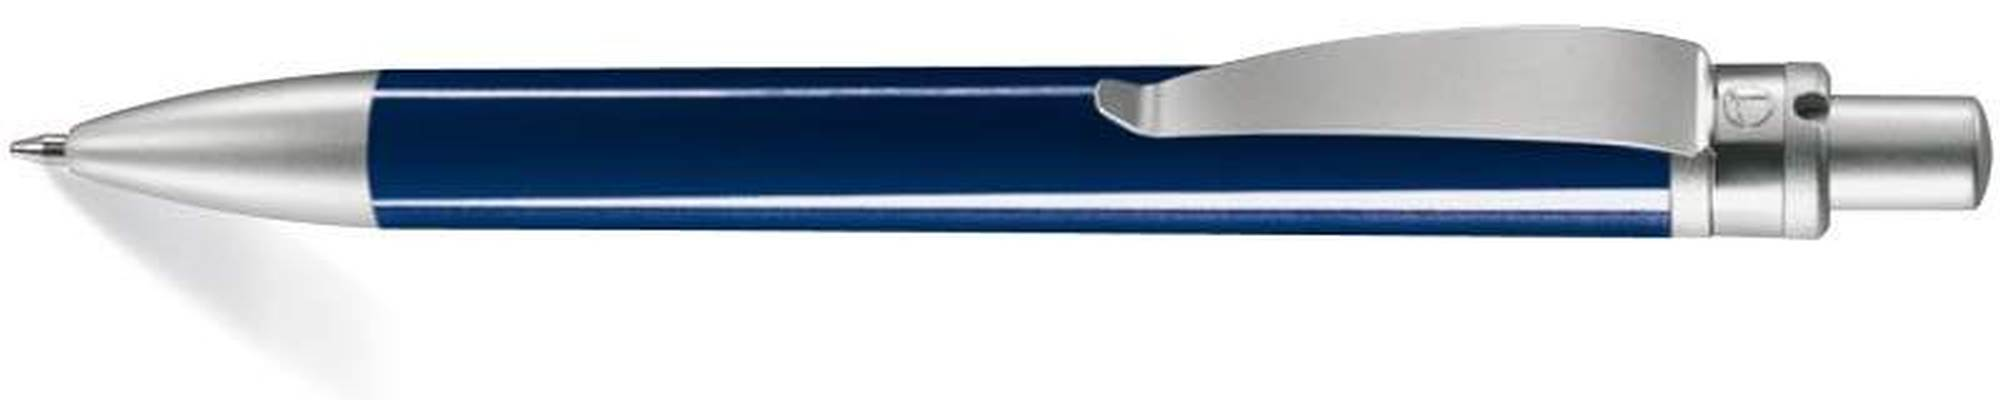 Długopis plastikowy – LECCE PEN – 385